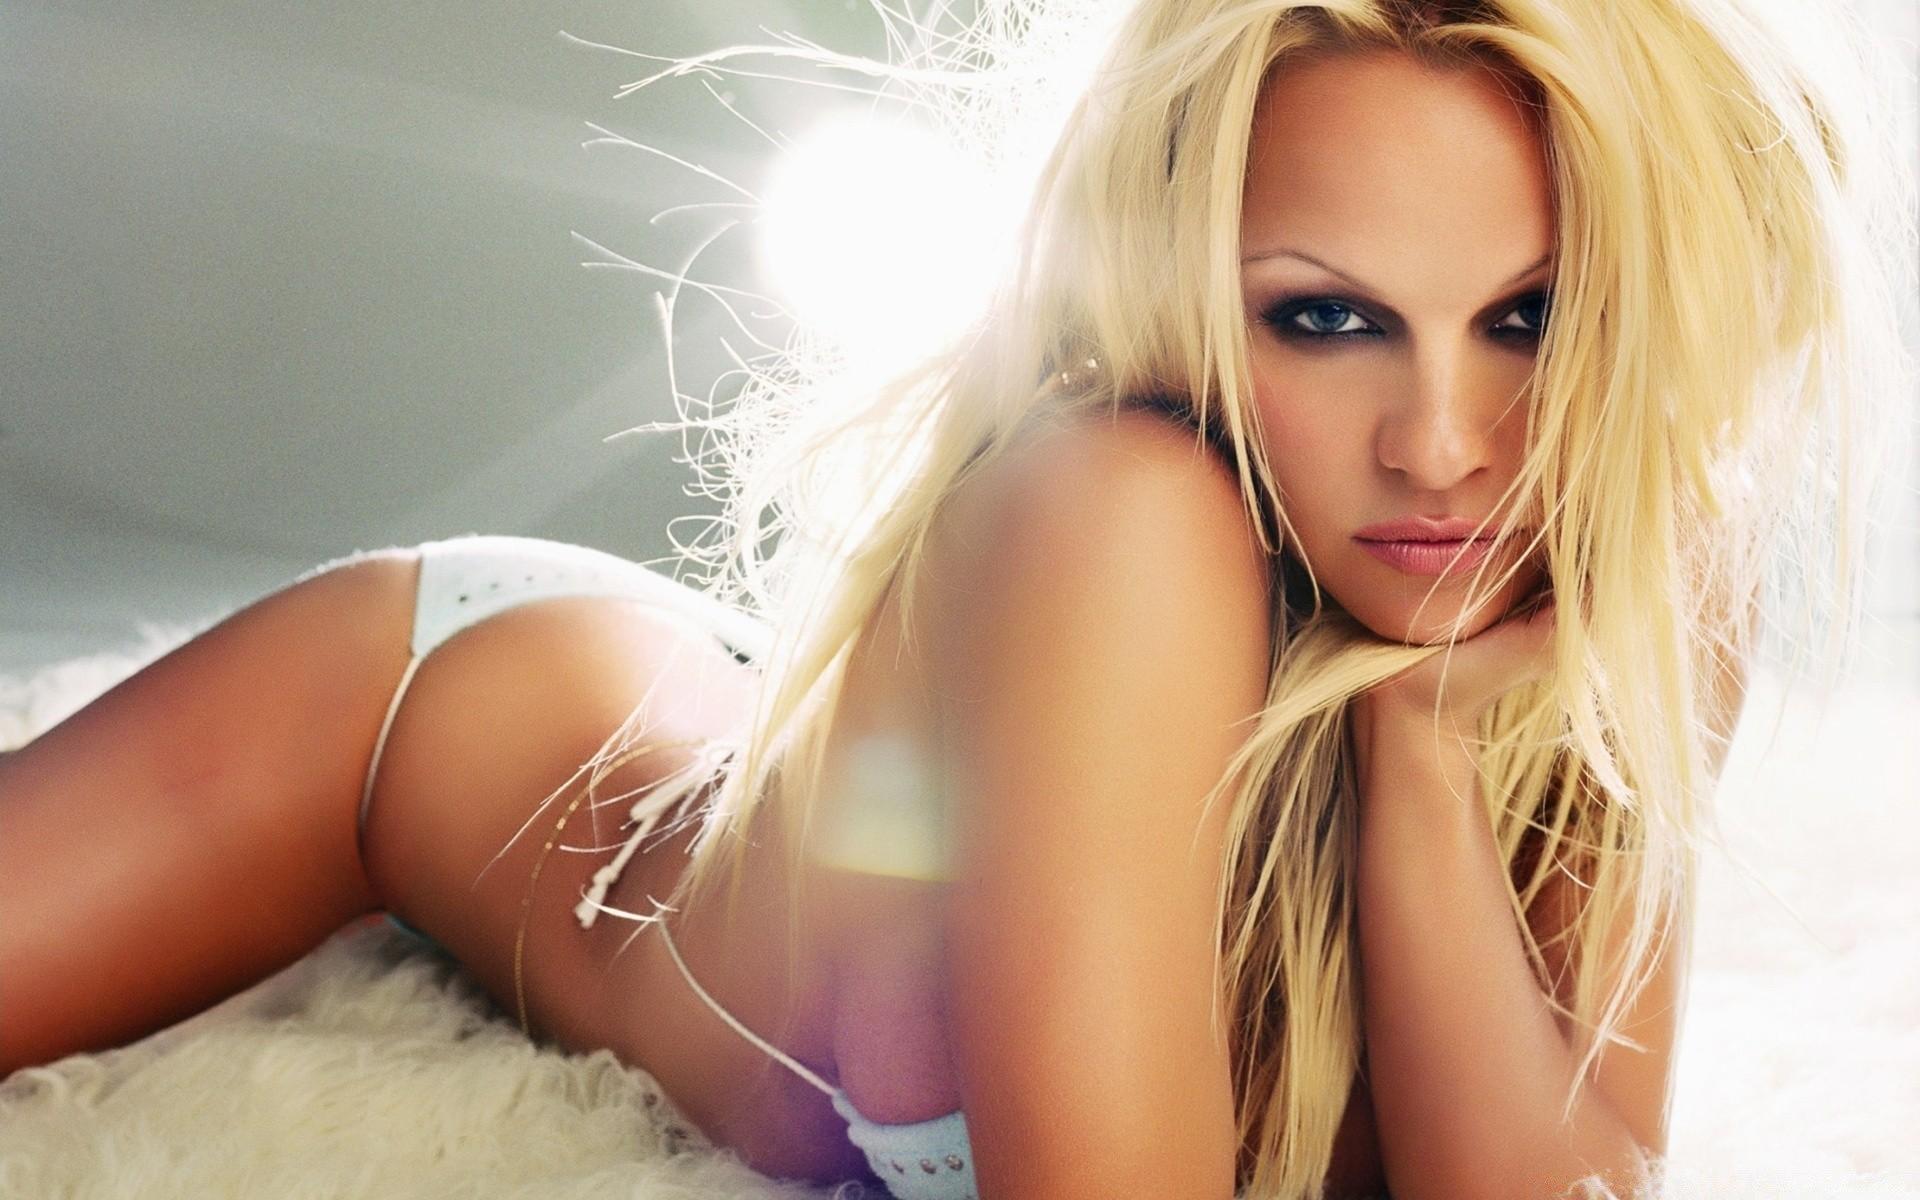 Сексуальные соседки playboy смотреть онлайн, Сексуальные Соседки Плейбоясмотреть 20 фотография